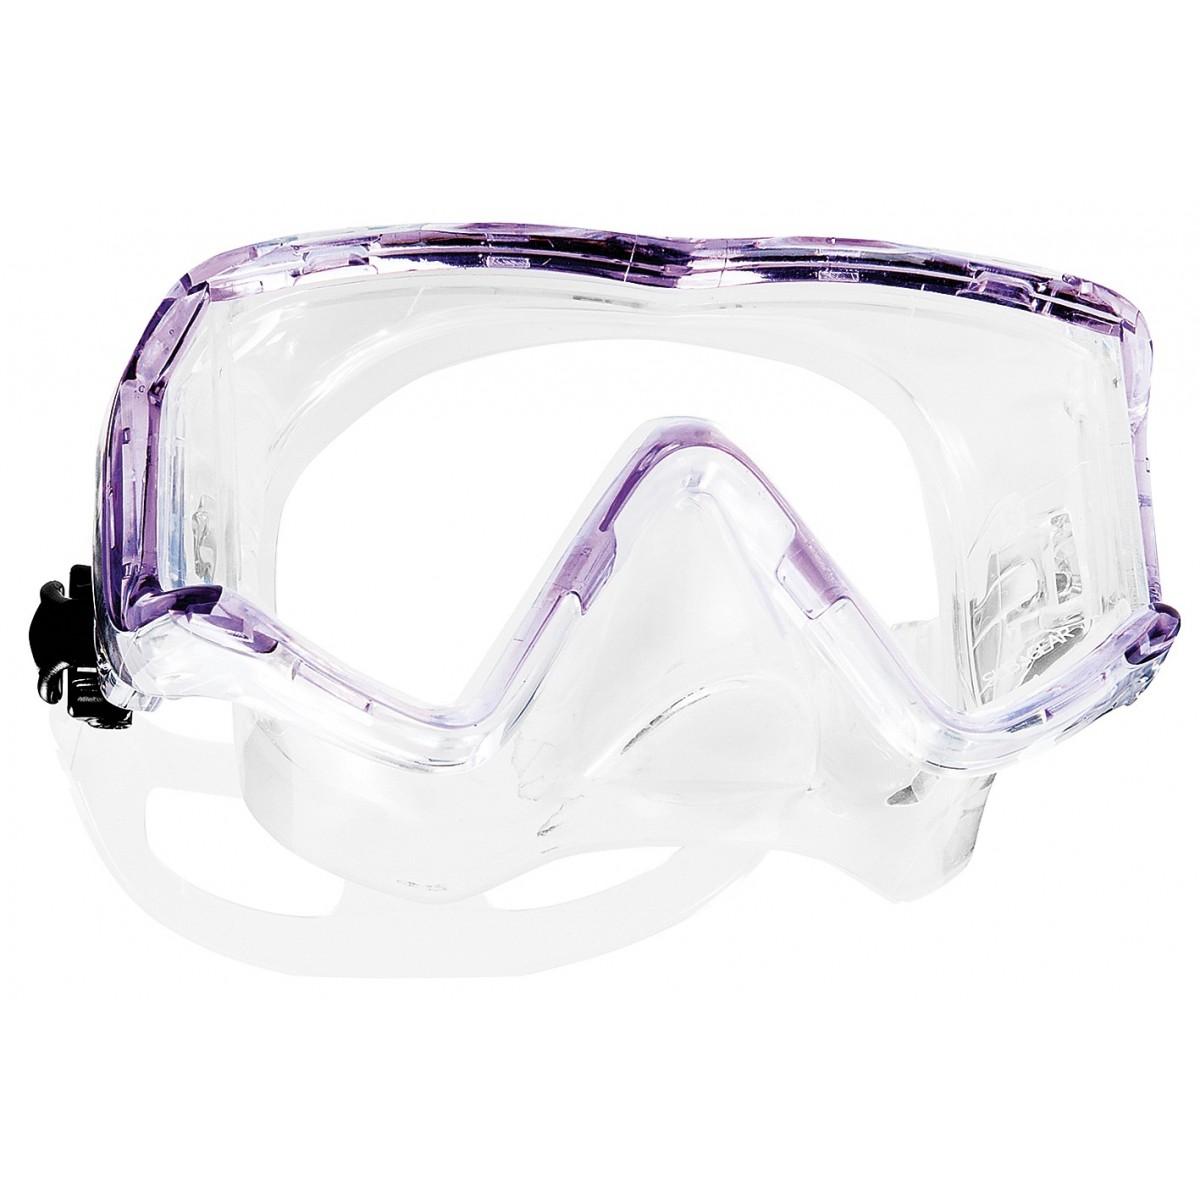 Scubapro SUB VU Without Purge Dive Mask